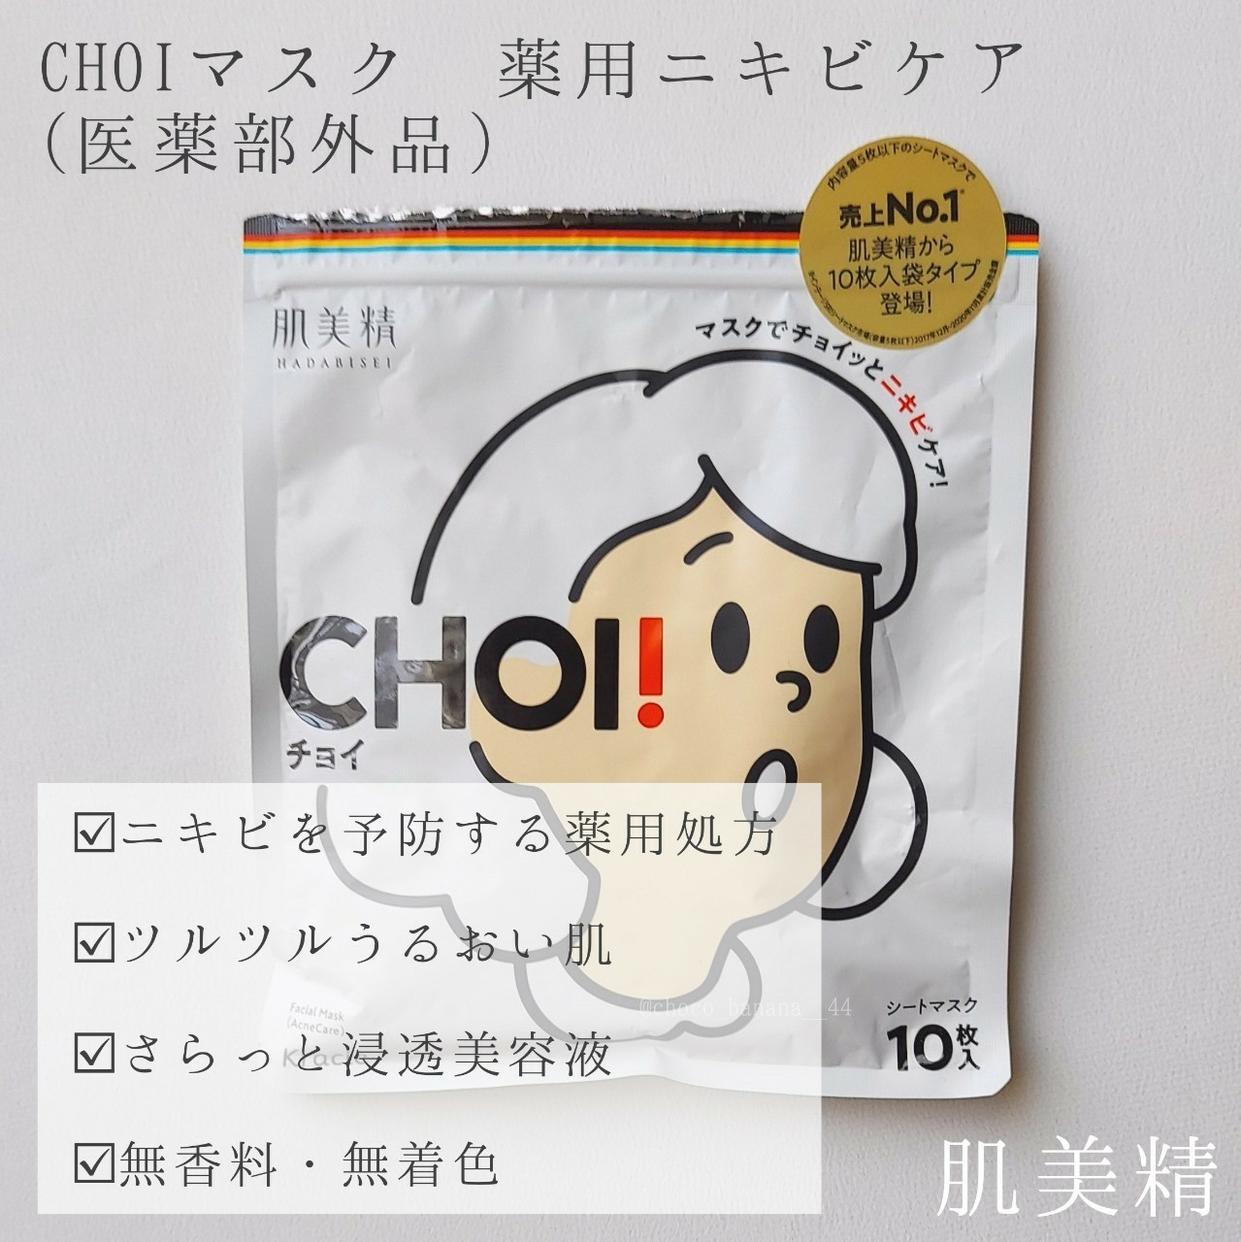 肌美精(HADABISEI) CHOIマスク 薬用ニキビケアを使ったししさんのクチコミ画像2